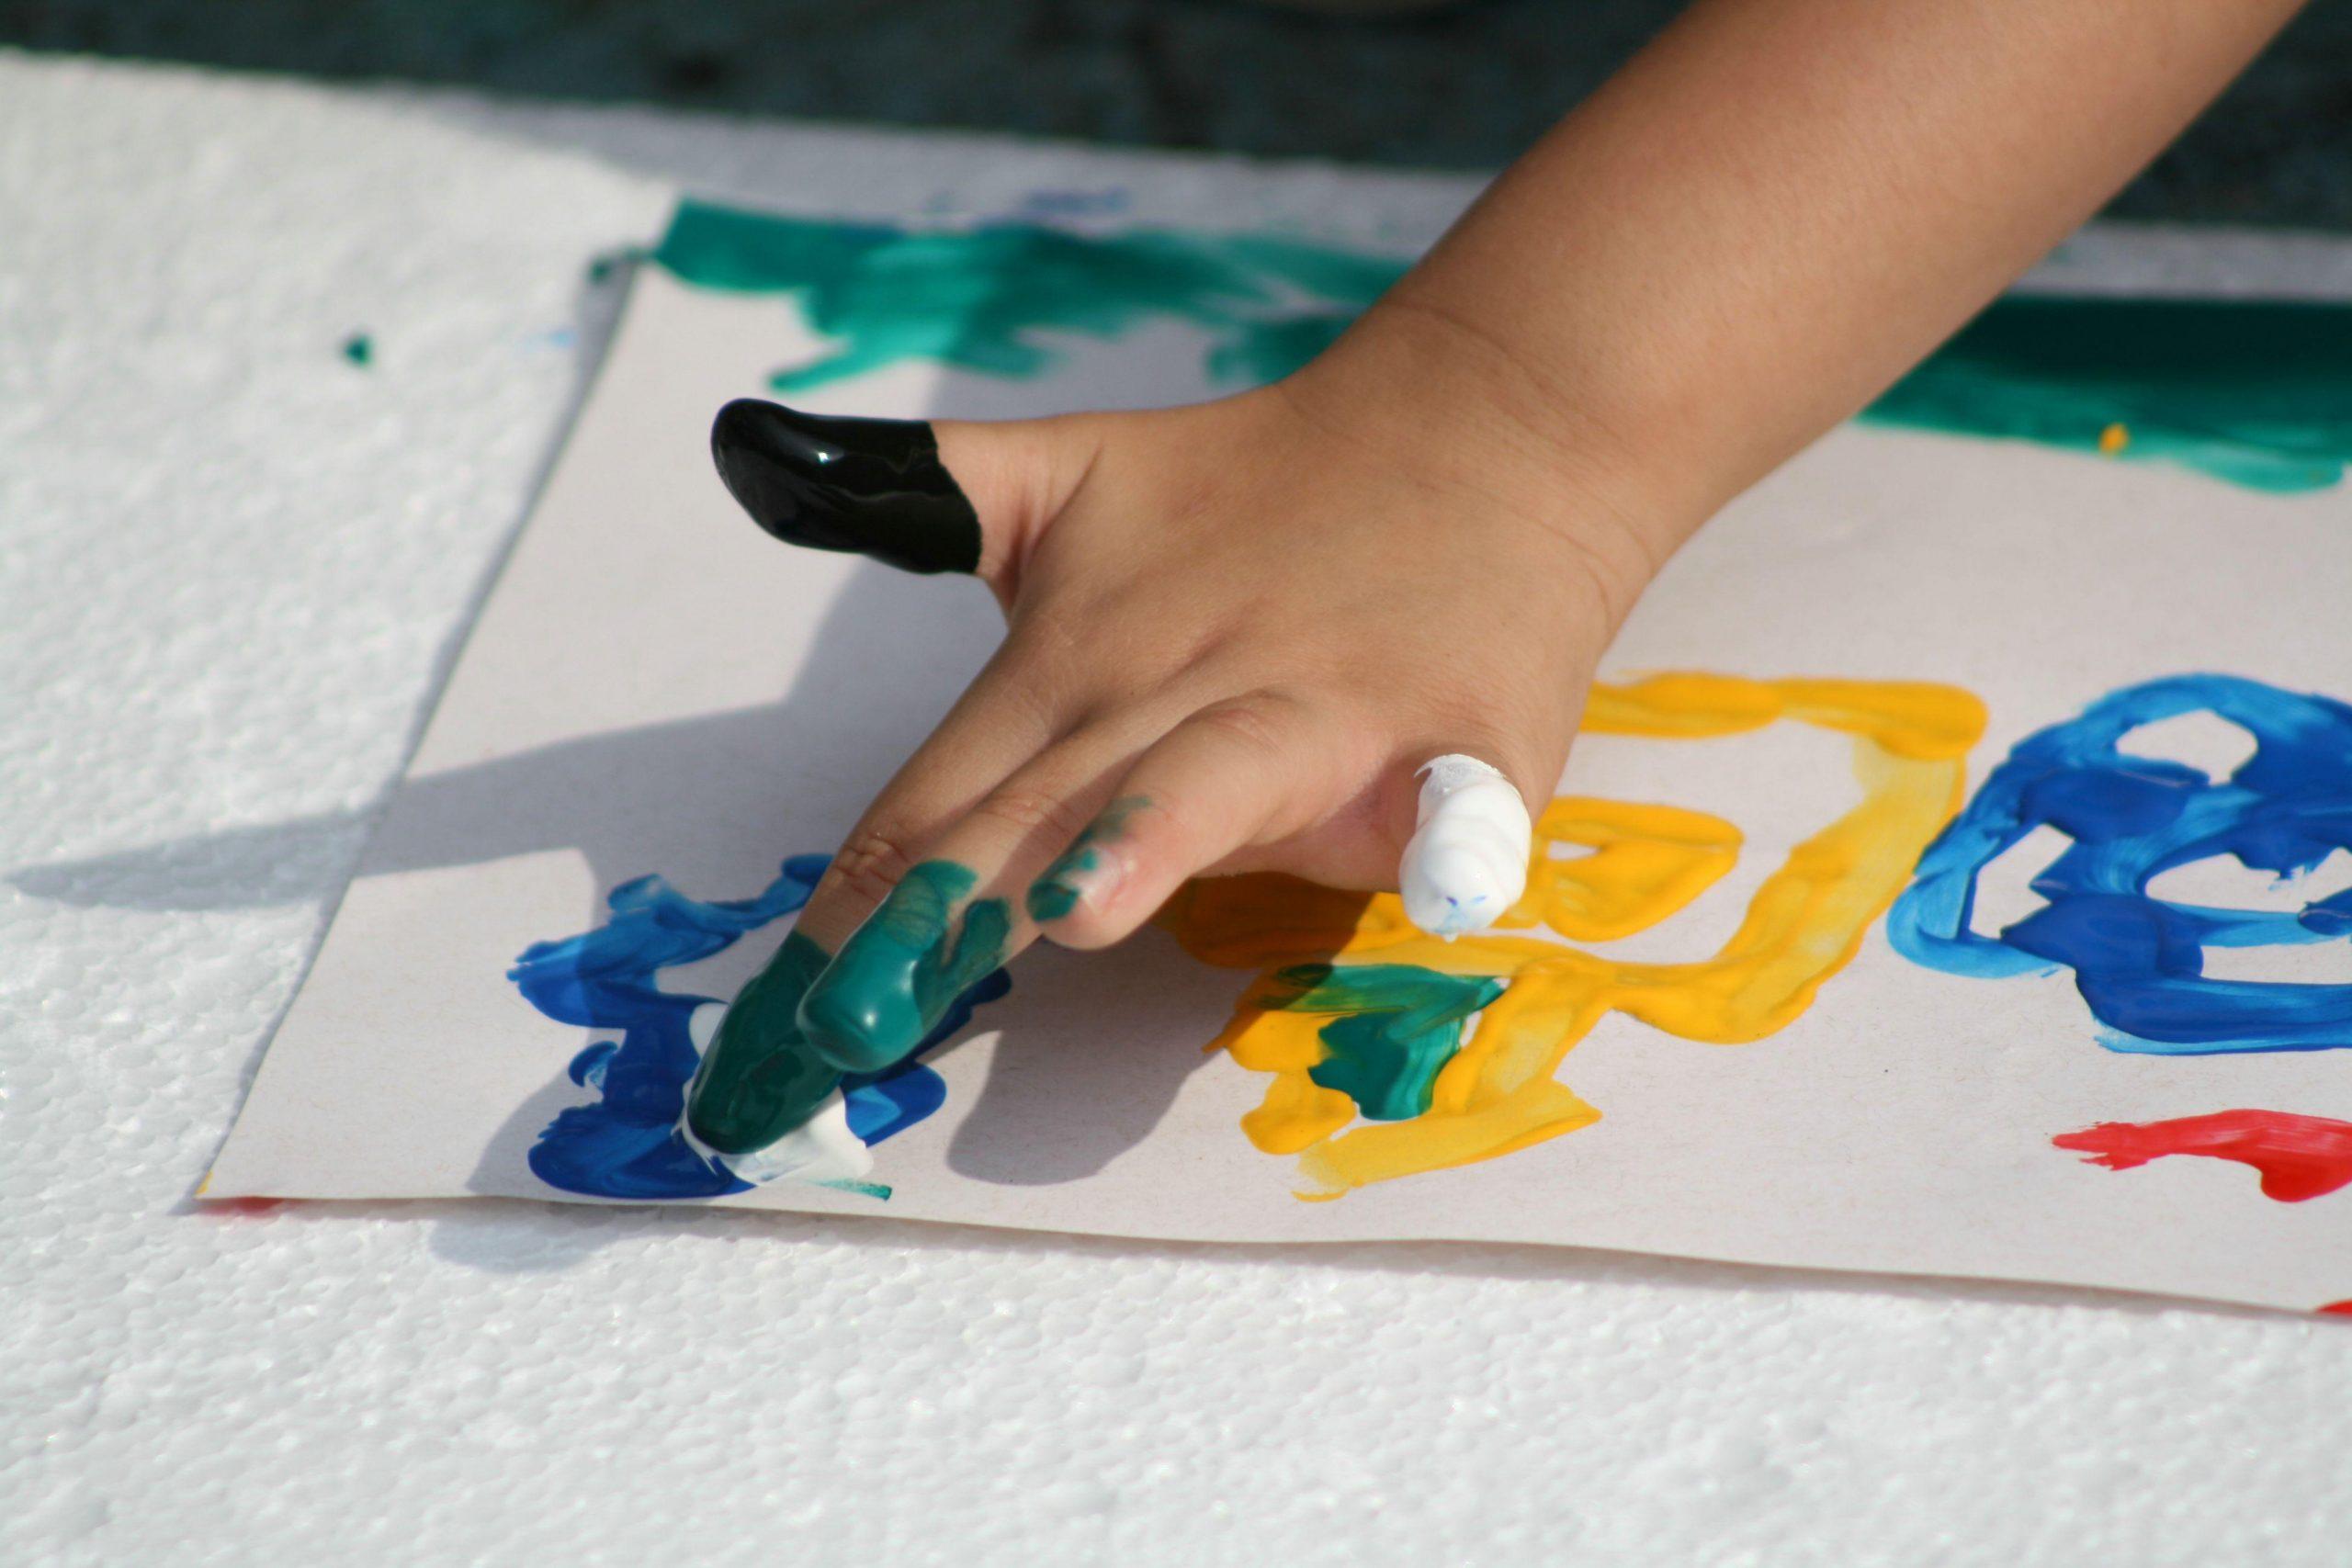 Le Top 10 Des Activités Manuelles Pour Les Enfants dedans Activité Manuelle Enfant 4 Ans